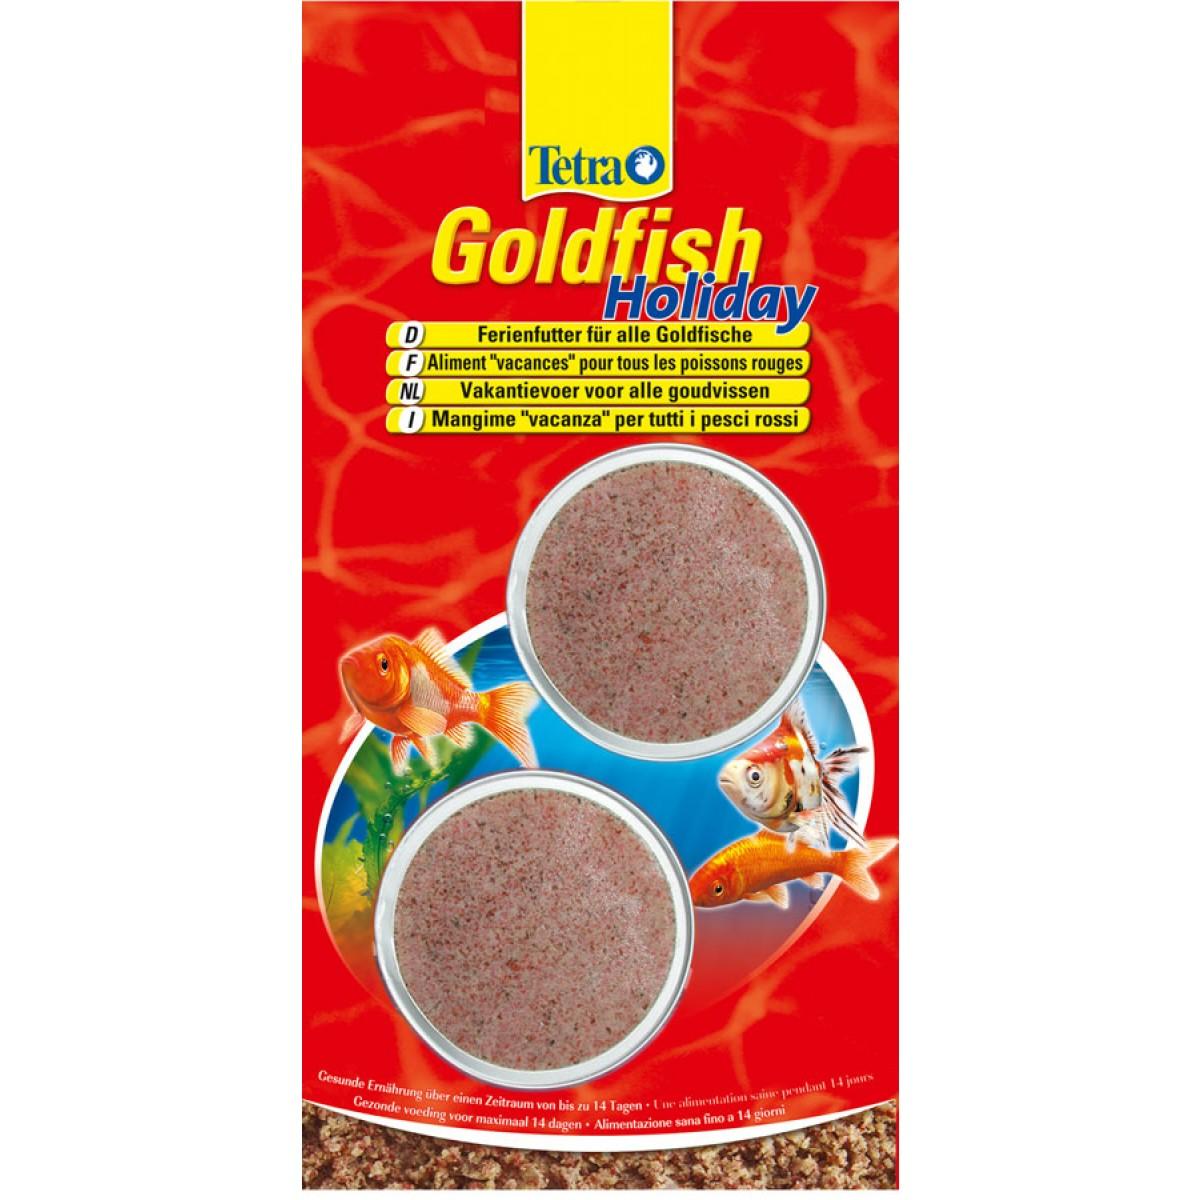 Корм для золотых рыбок Tetra Goldfish Holiday, твердый гель, 2 х 12 г158764Корм Tetra Goldfish Holiday - это здоровое питание для золотых рыбок в течение 14 дней. Корм изготовлен в виде твердого геля, который погружается в воду и обеспечивает полноценное вскармливание рыбок на протяжении 2 недель. Запатентованная формула корма содержит вкусные дафнии, необходимые микроэлементы, витамины и минеральные вещества. Использование корма не изменяет качественных показателей аквариумной воды: корм долго не растворяется в воде, тем самым не загрязняя ее. Блок на 100% съедобный. В упаковке 2 блока по 12 г. Товар сертифицирован.